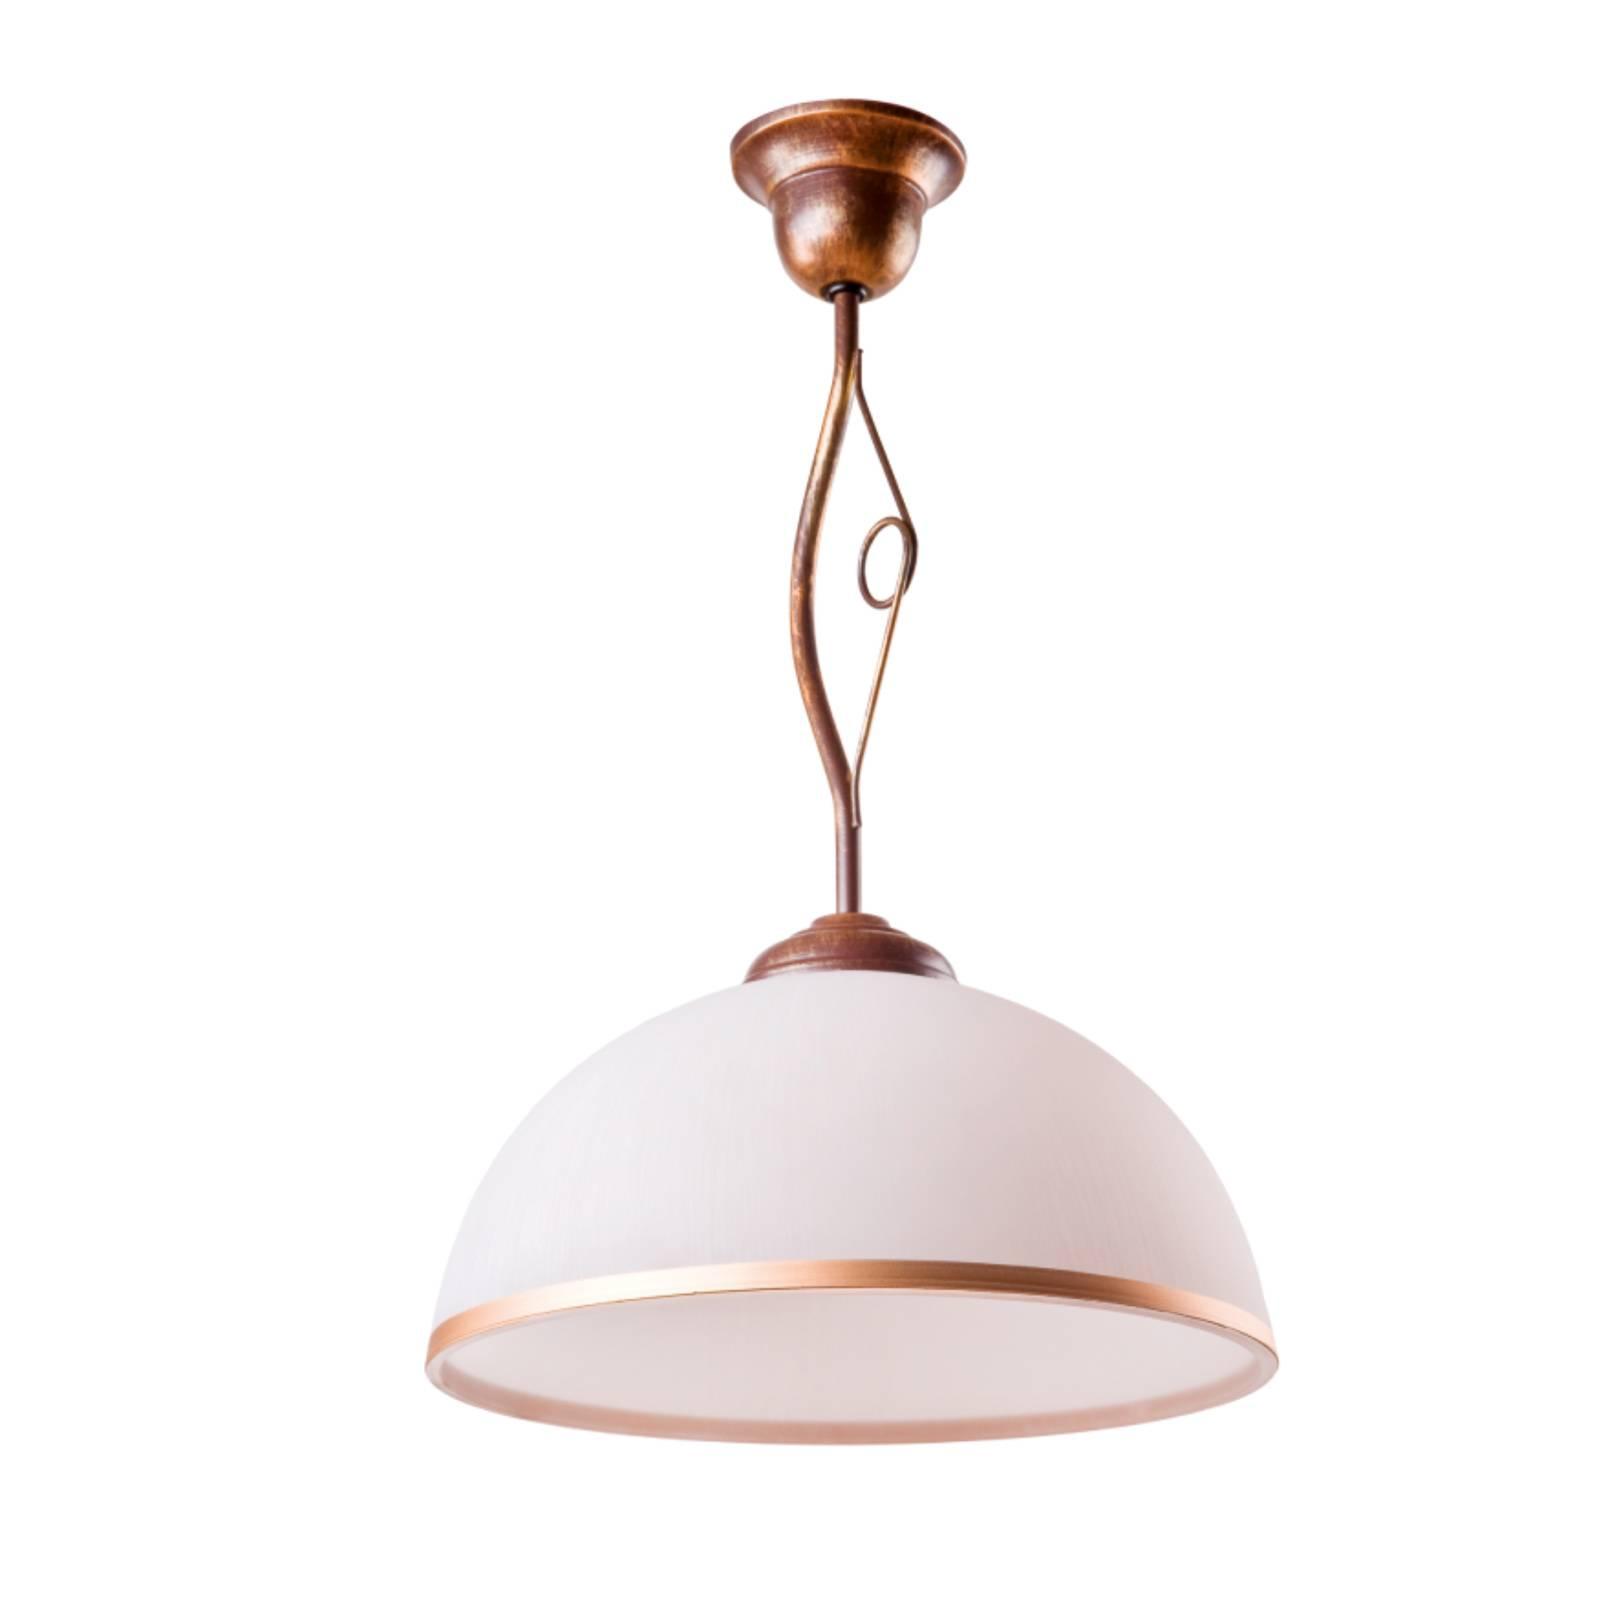 Riippuvalo Roma, valkoinen ja ruskea, 1-lamppuinen